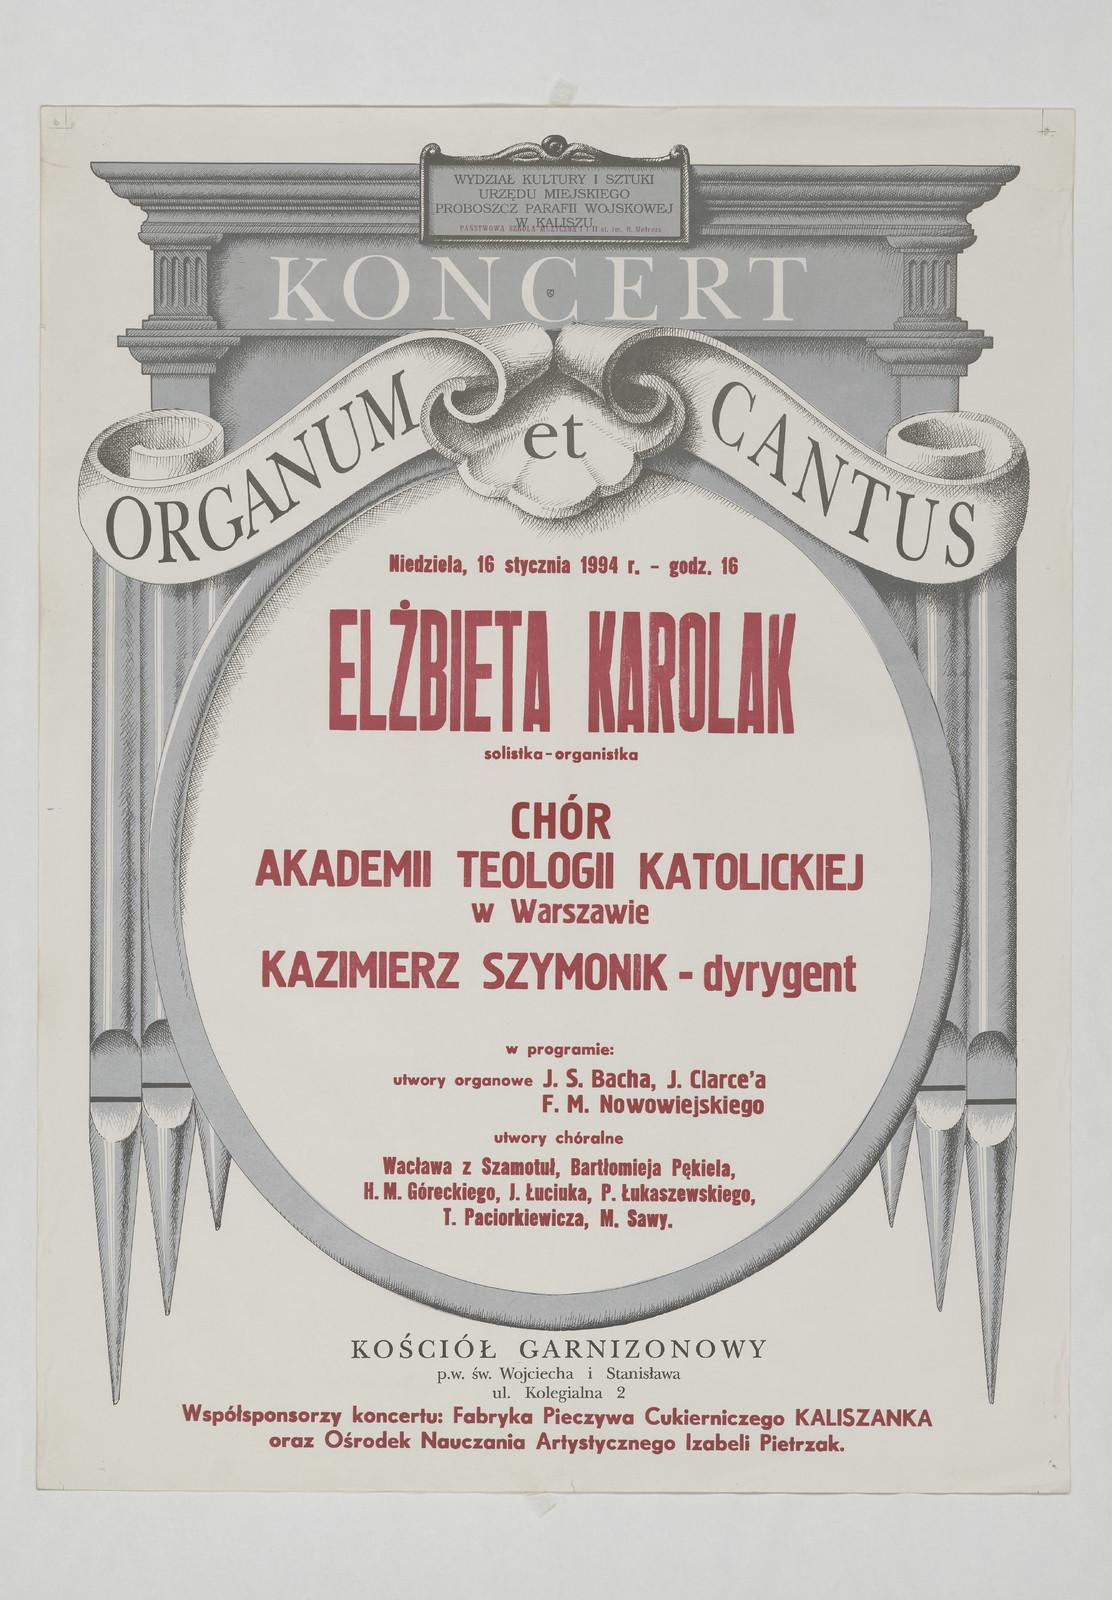 Organum et Cantus